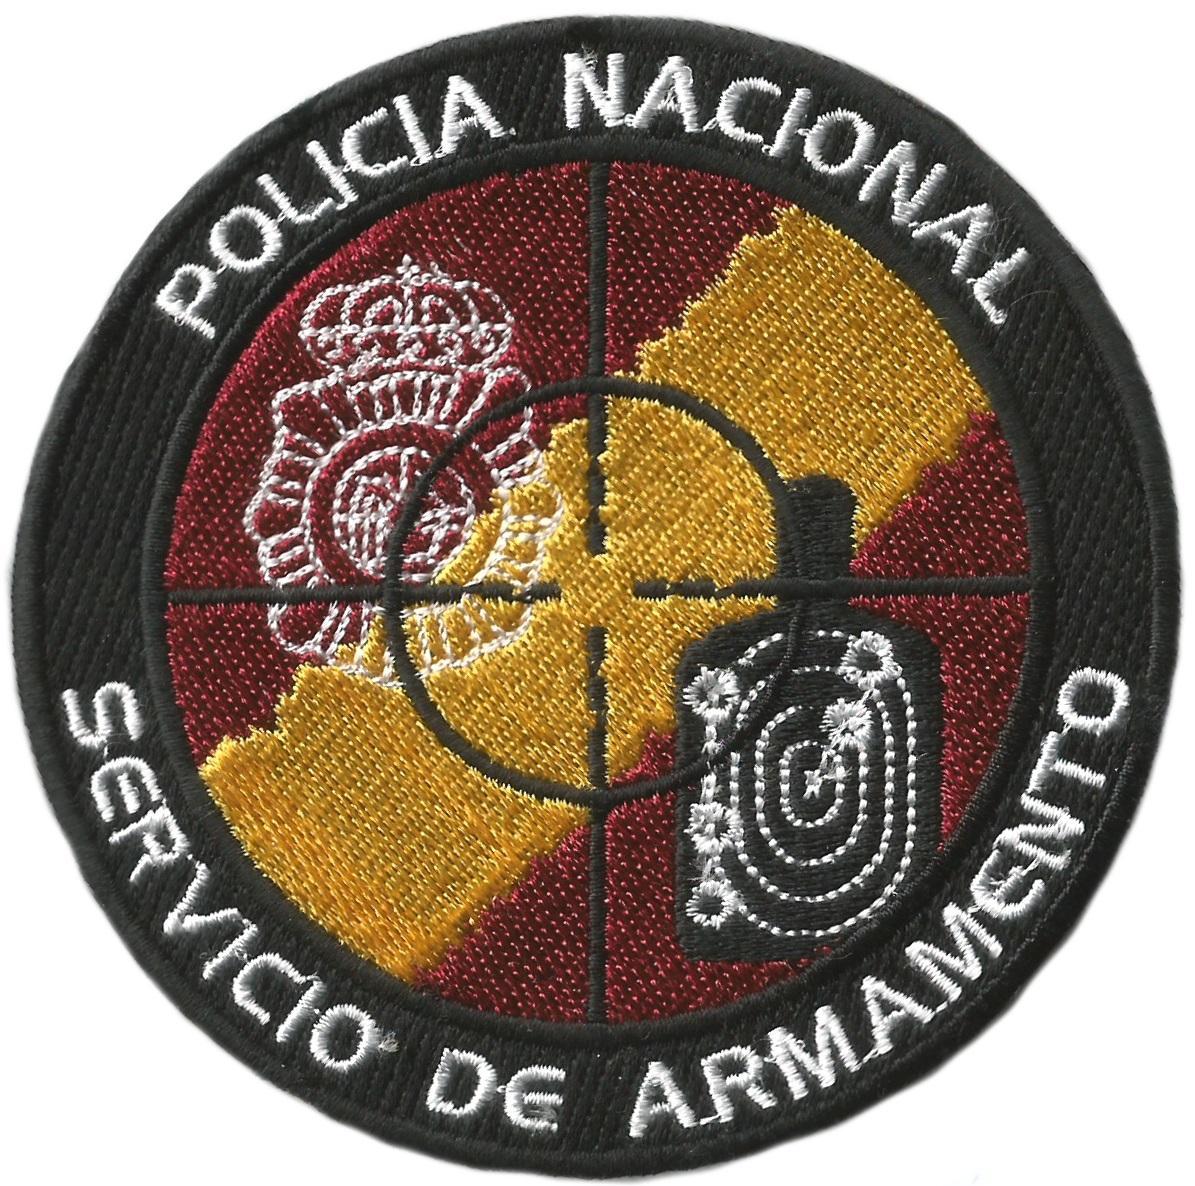 Policía nacional CNP servicio de armamento parche insignia emblema distintivo